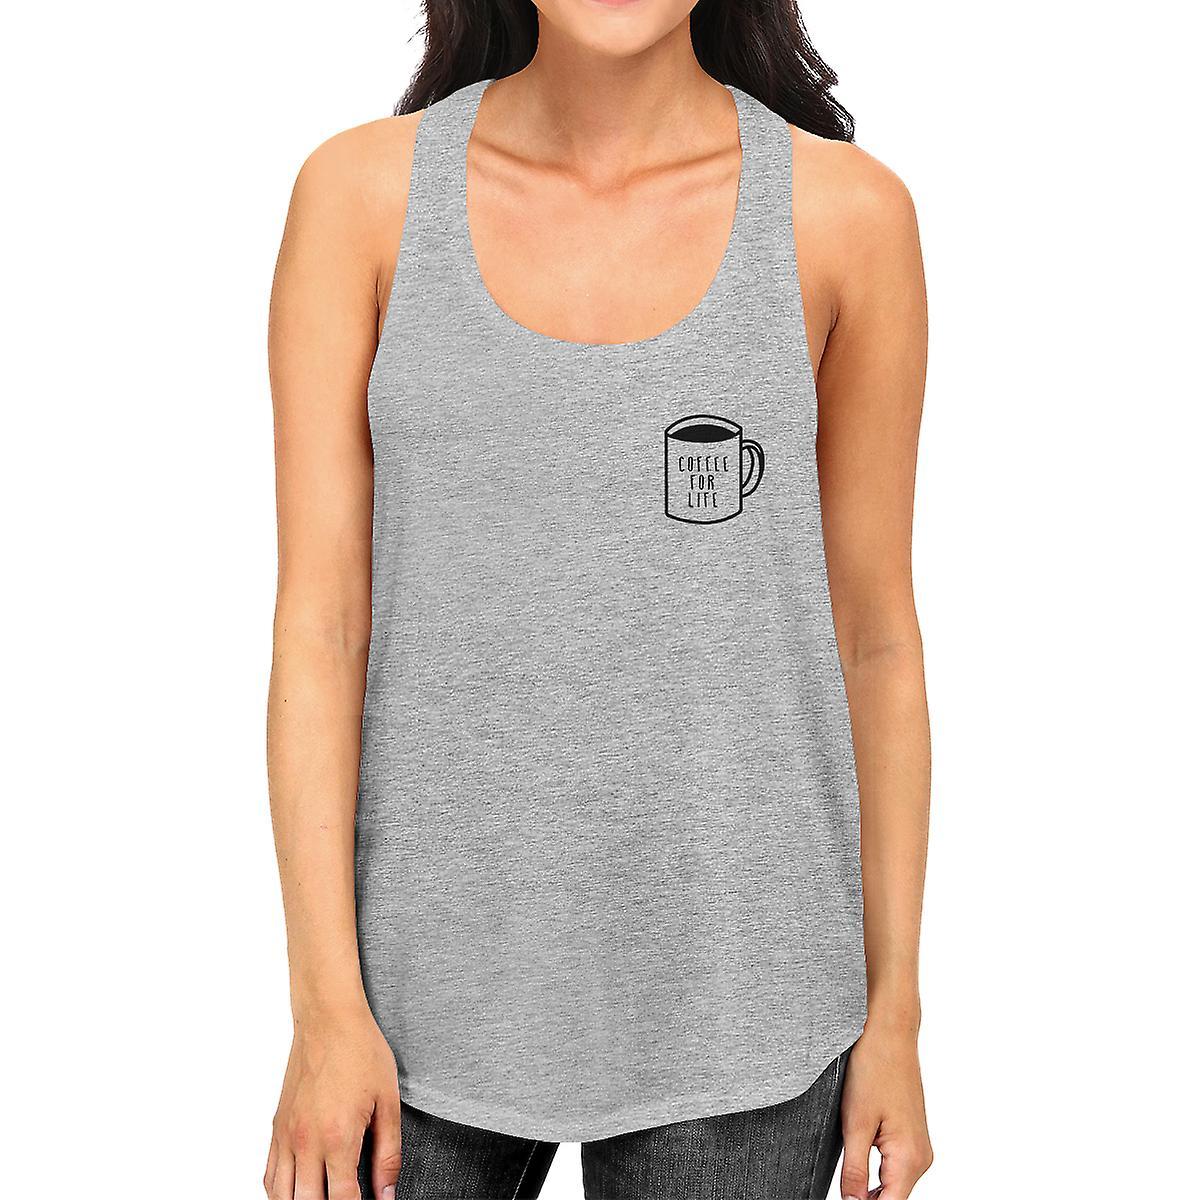 hustler-womens-t-shirts